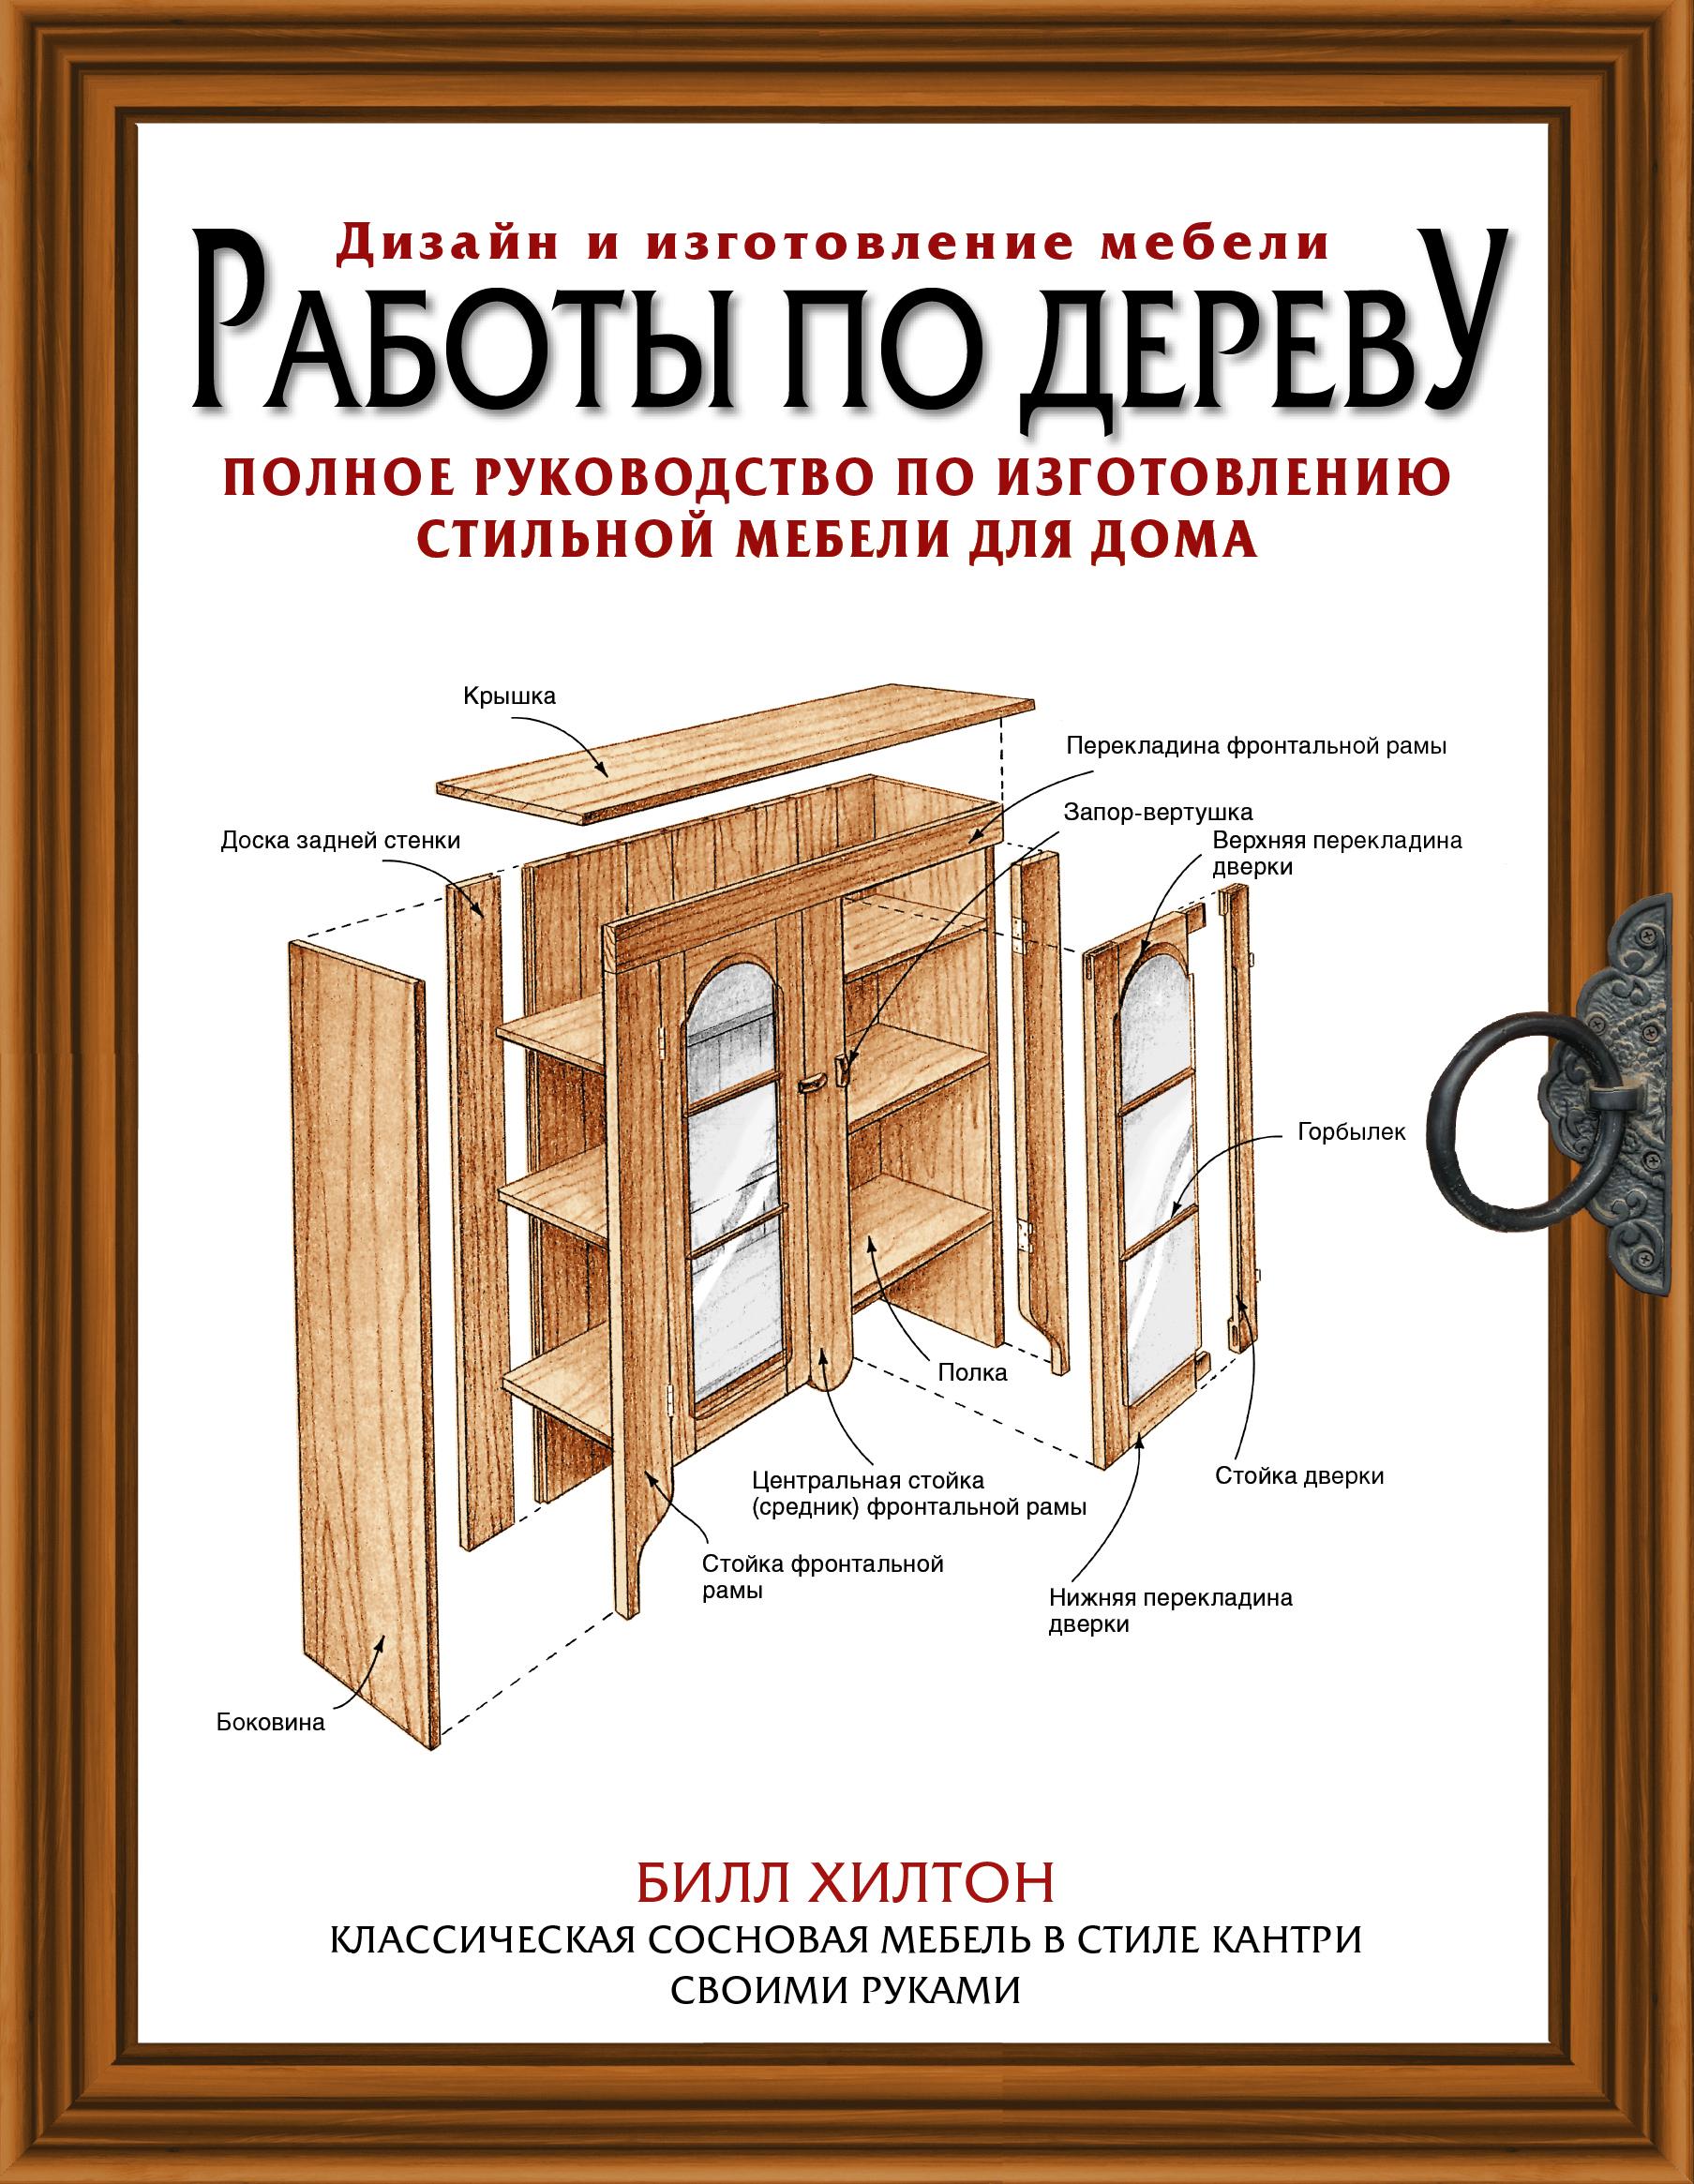 Хилтон Билл Работы по дереву. Полное руководство по изготовлению стильной мебели для дома белинда левиц казино полное руководство по играм